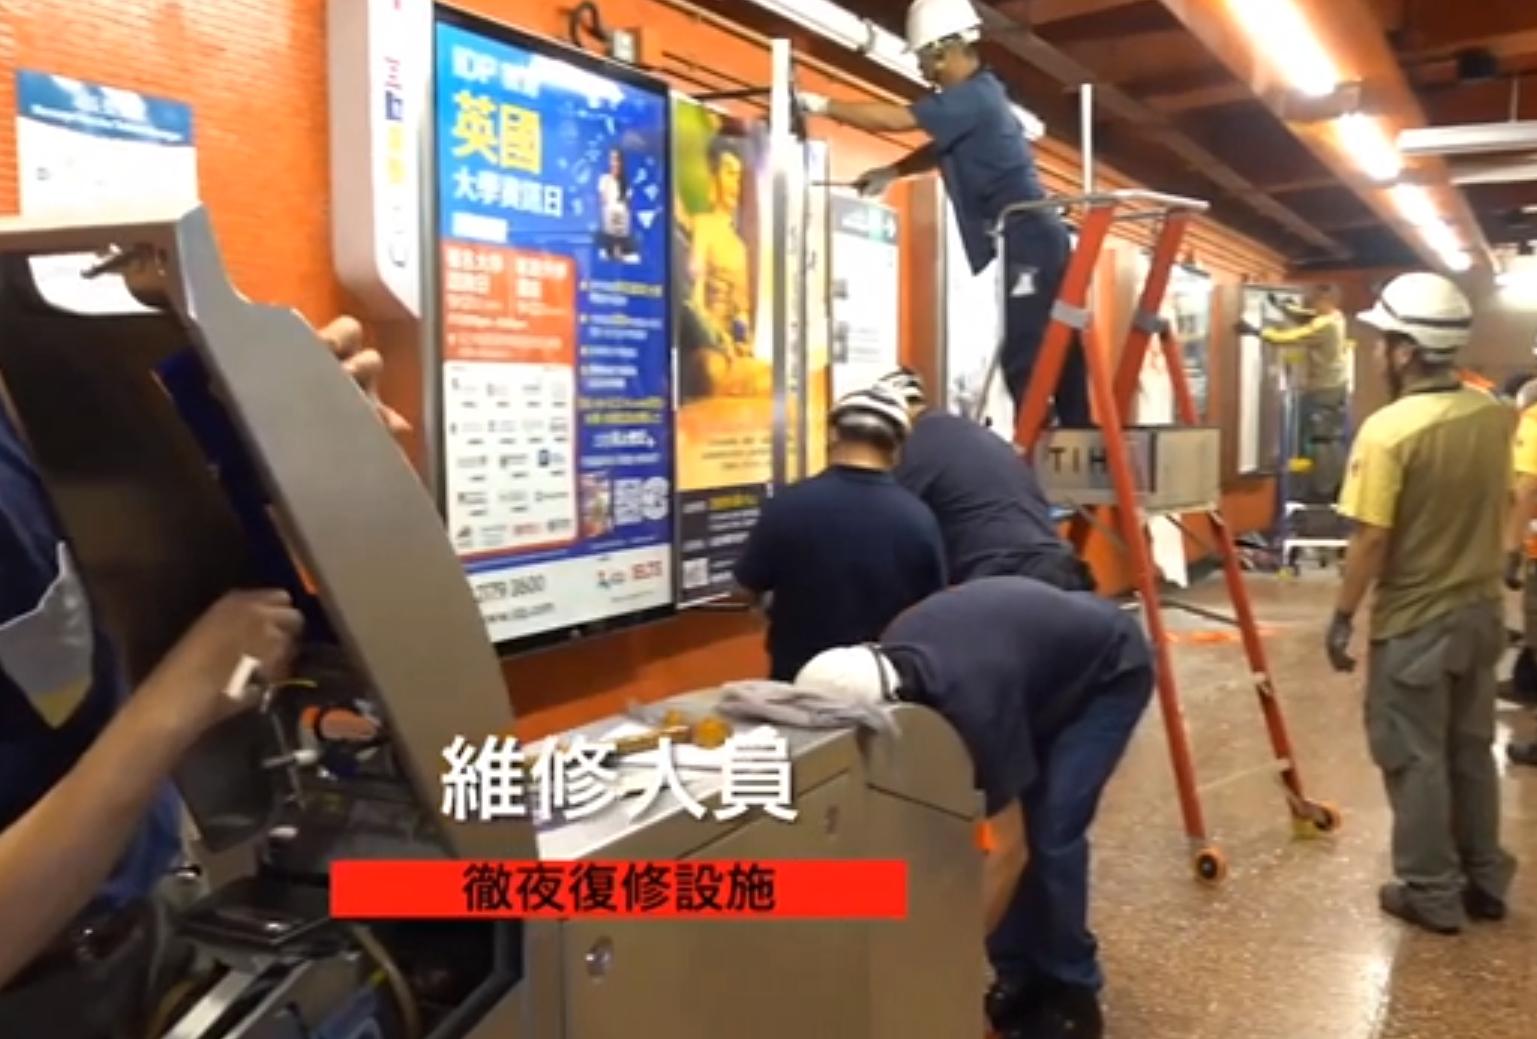 港鐵職員辛勞工作。港鐵影片截圖